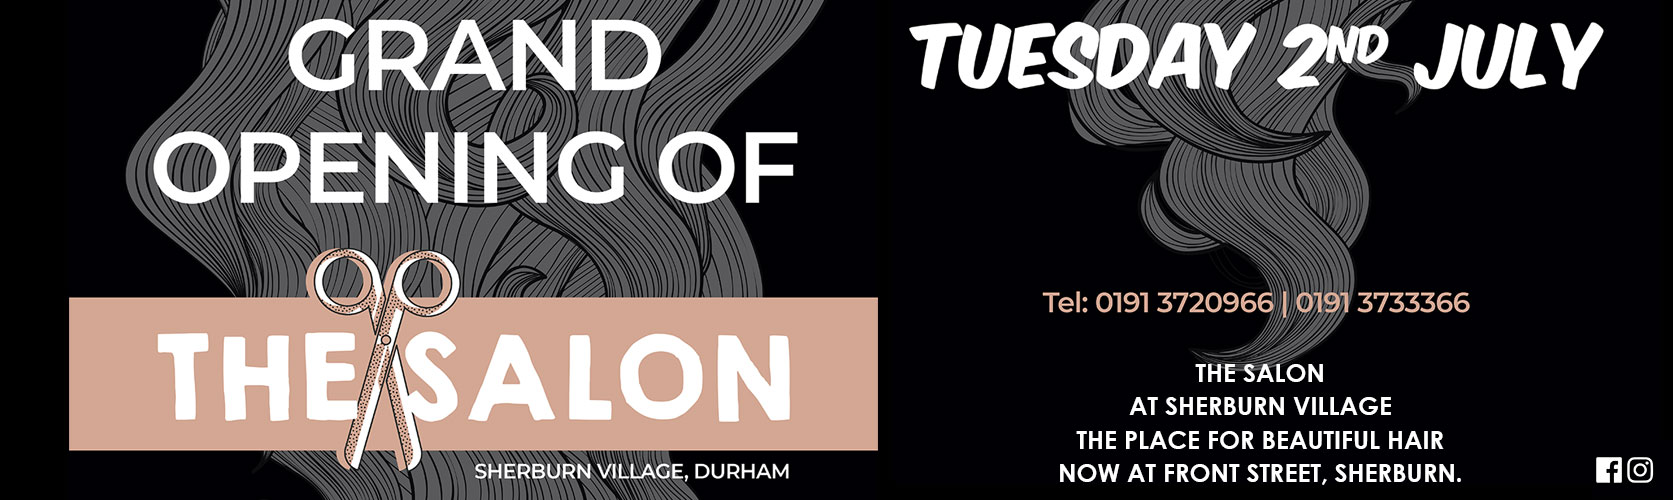 The Salon Sherburn Village, Durham is Now Open!